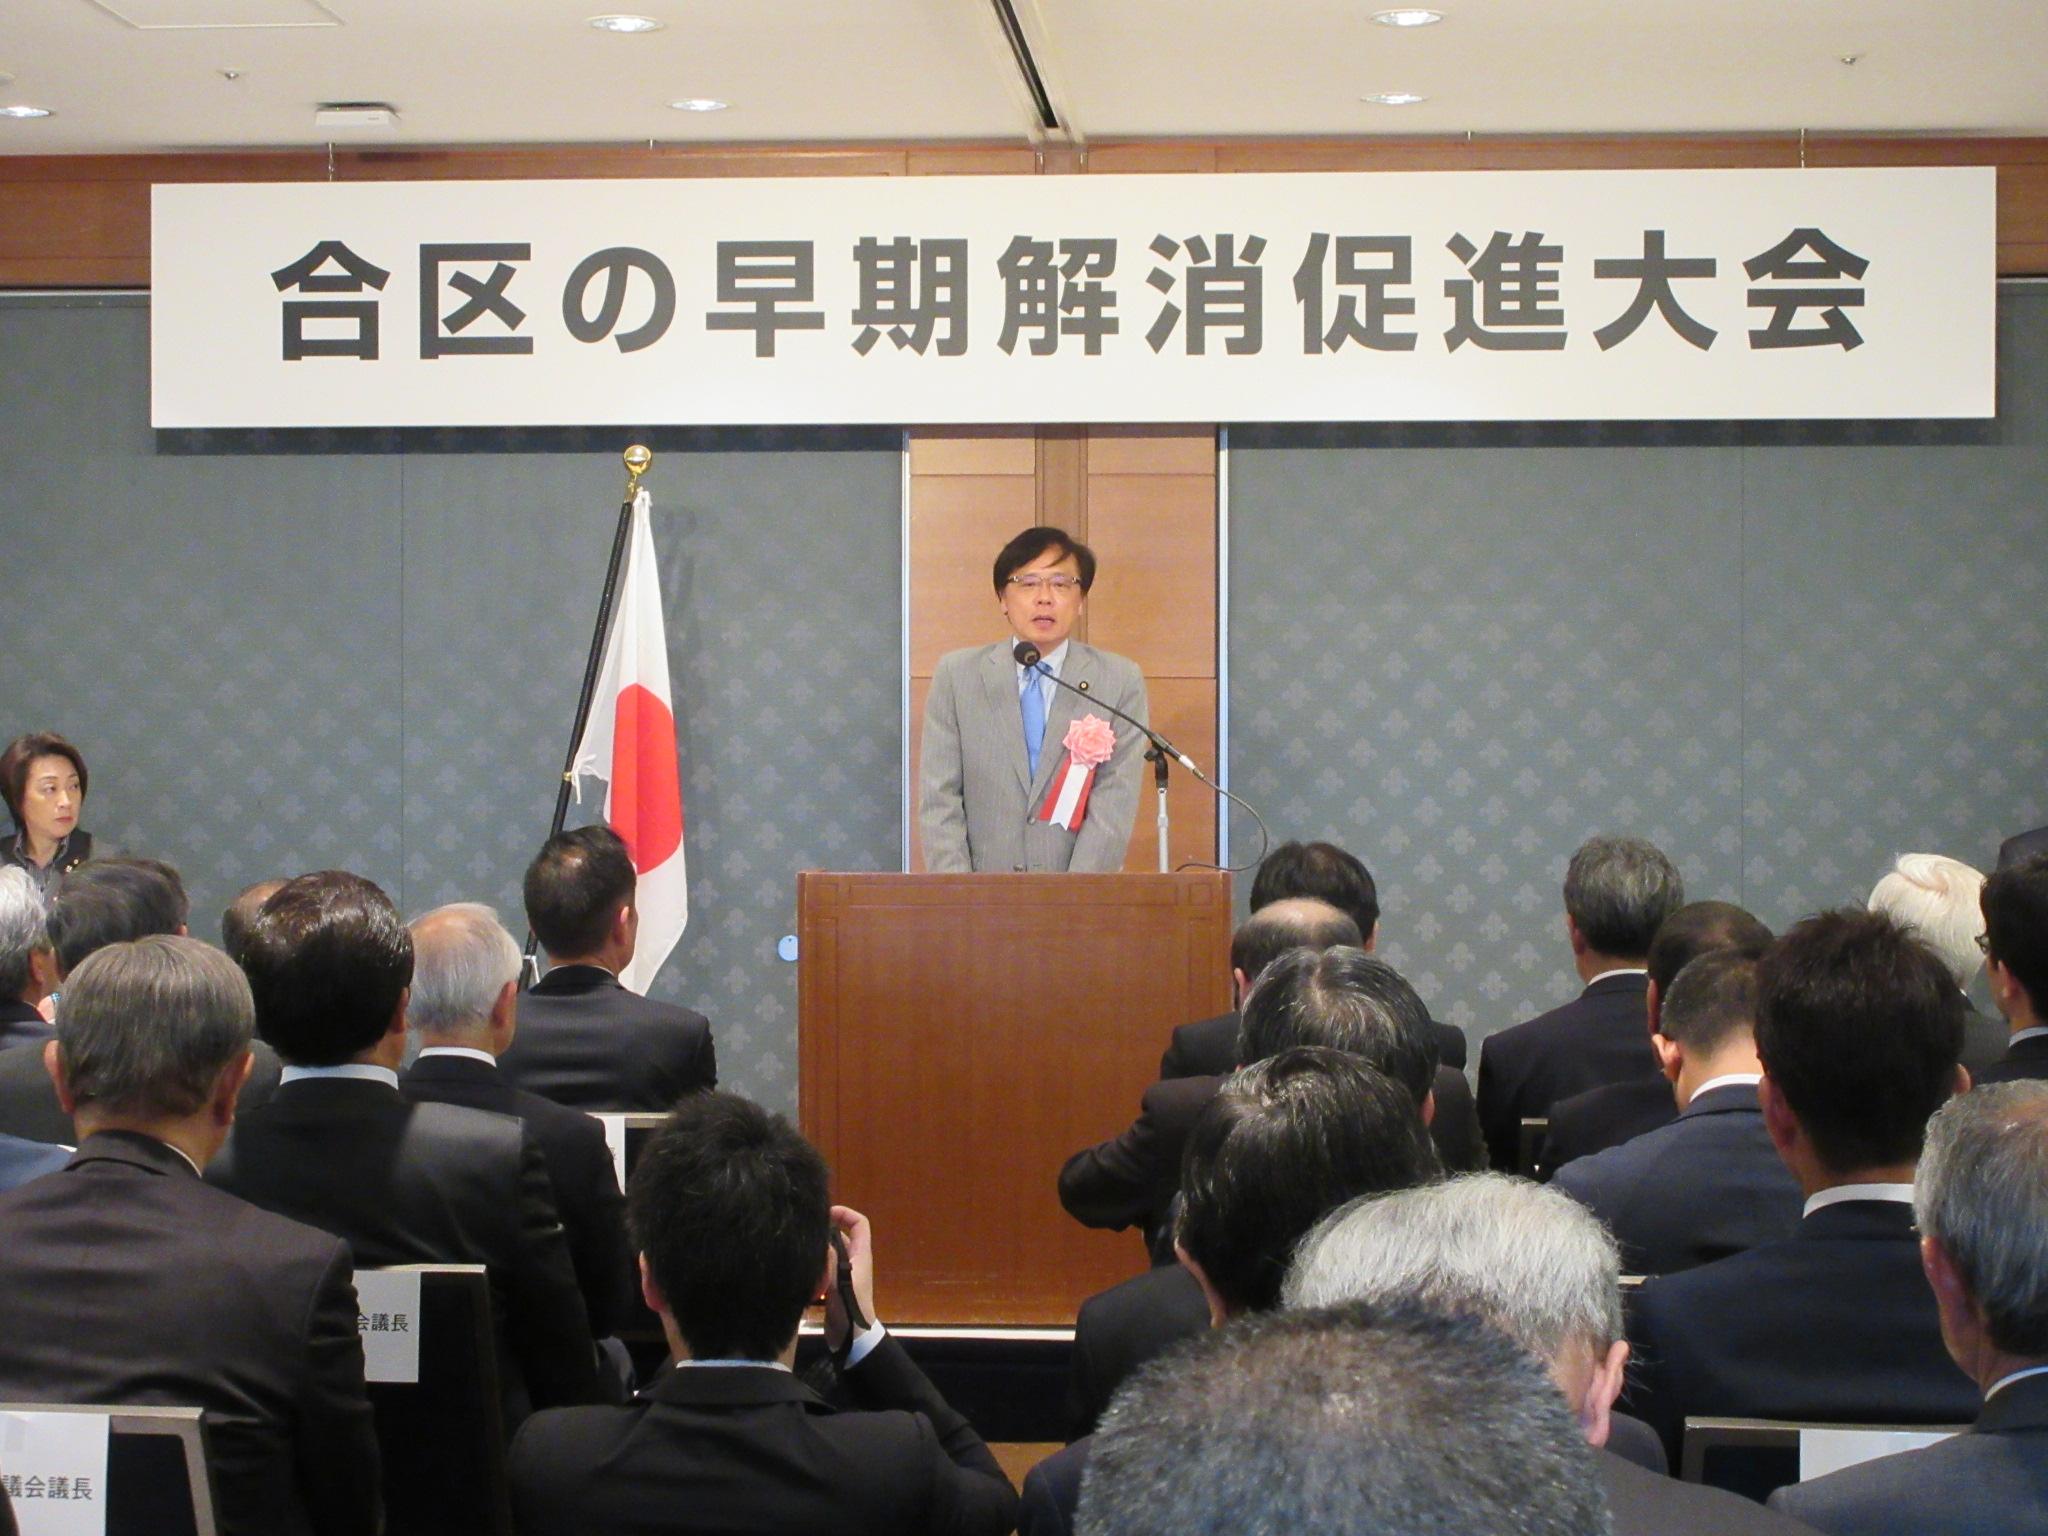 http://www.inoue-satoshi.com/diary/IMG_4544.JPG